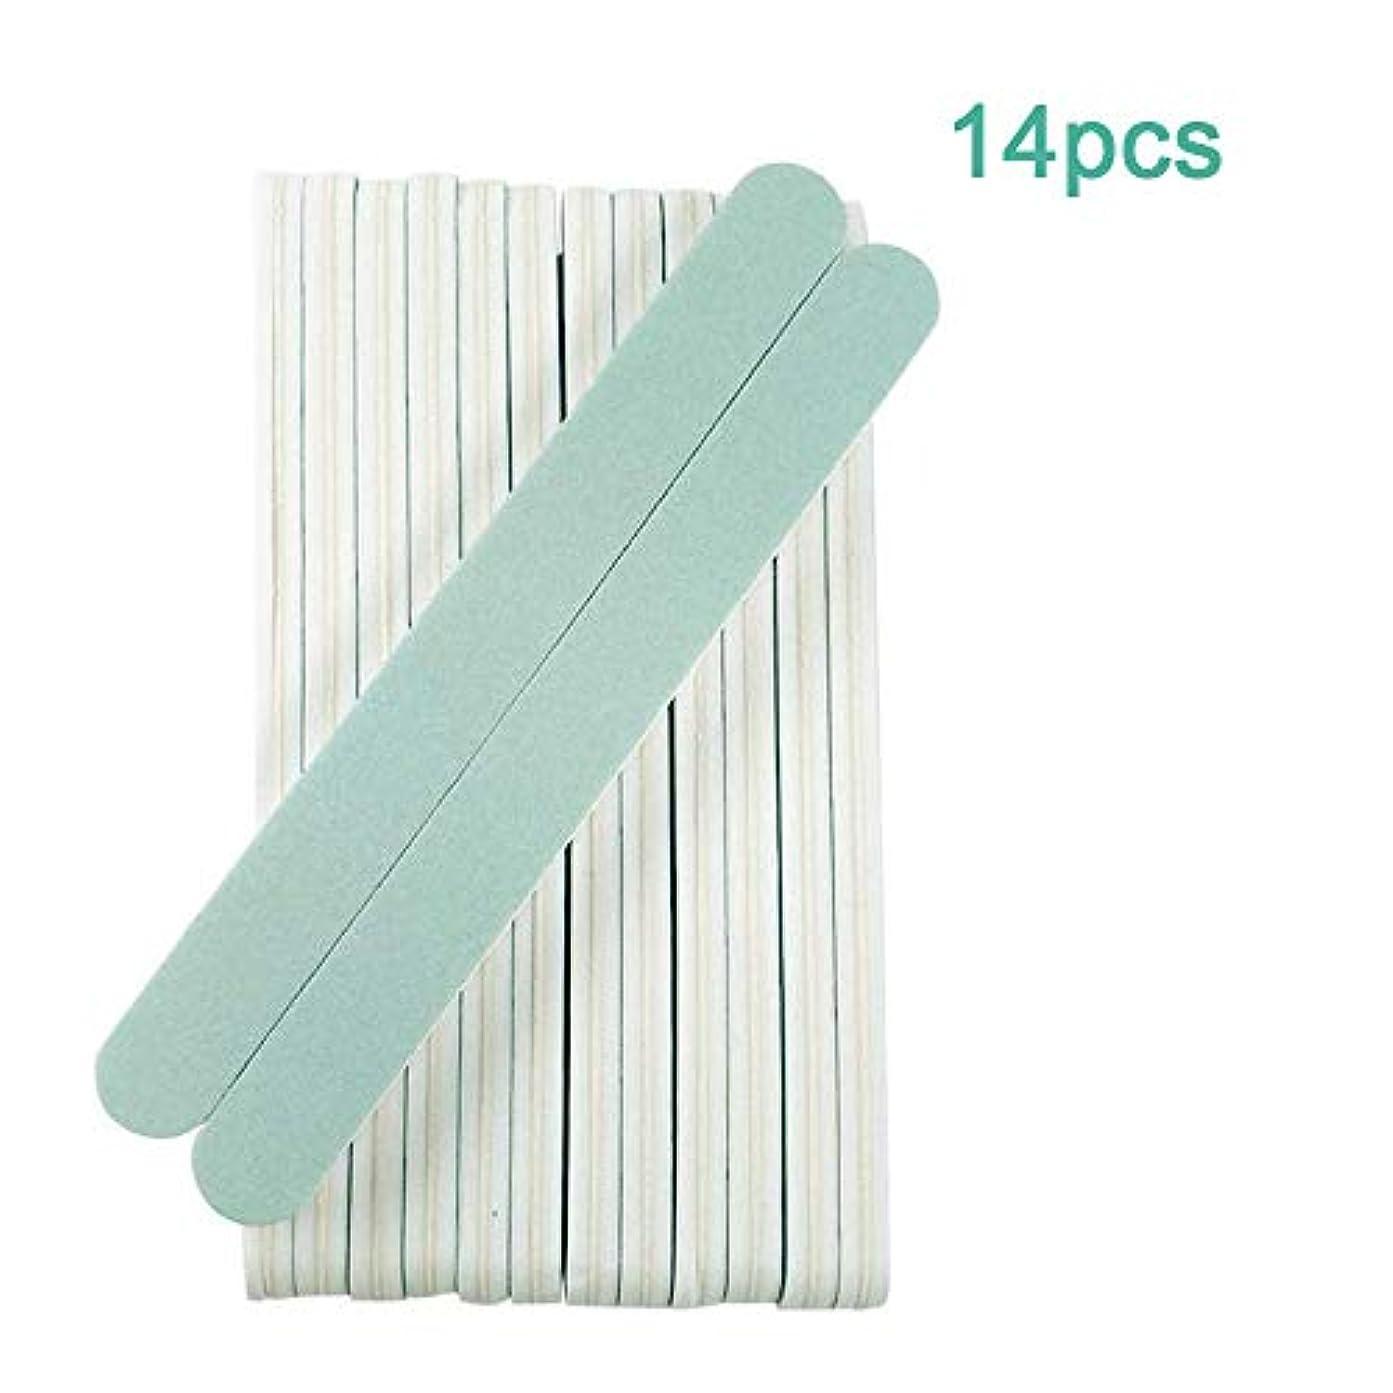 活気づけるブロー小間ジェルネイルファイルセット プロネイルバッファー 爪やすり 爪磨きスポンジ ネイルシャイナーバッファー600/3000 グリット14本セット